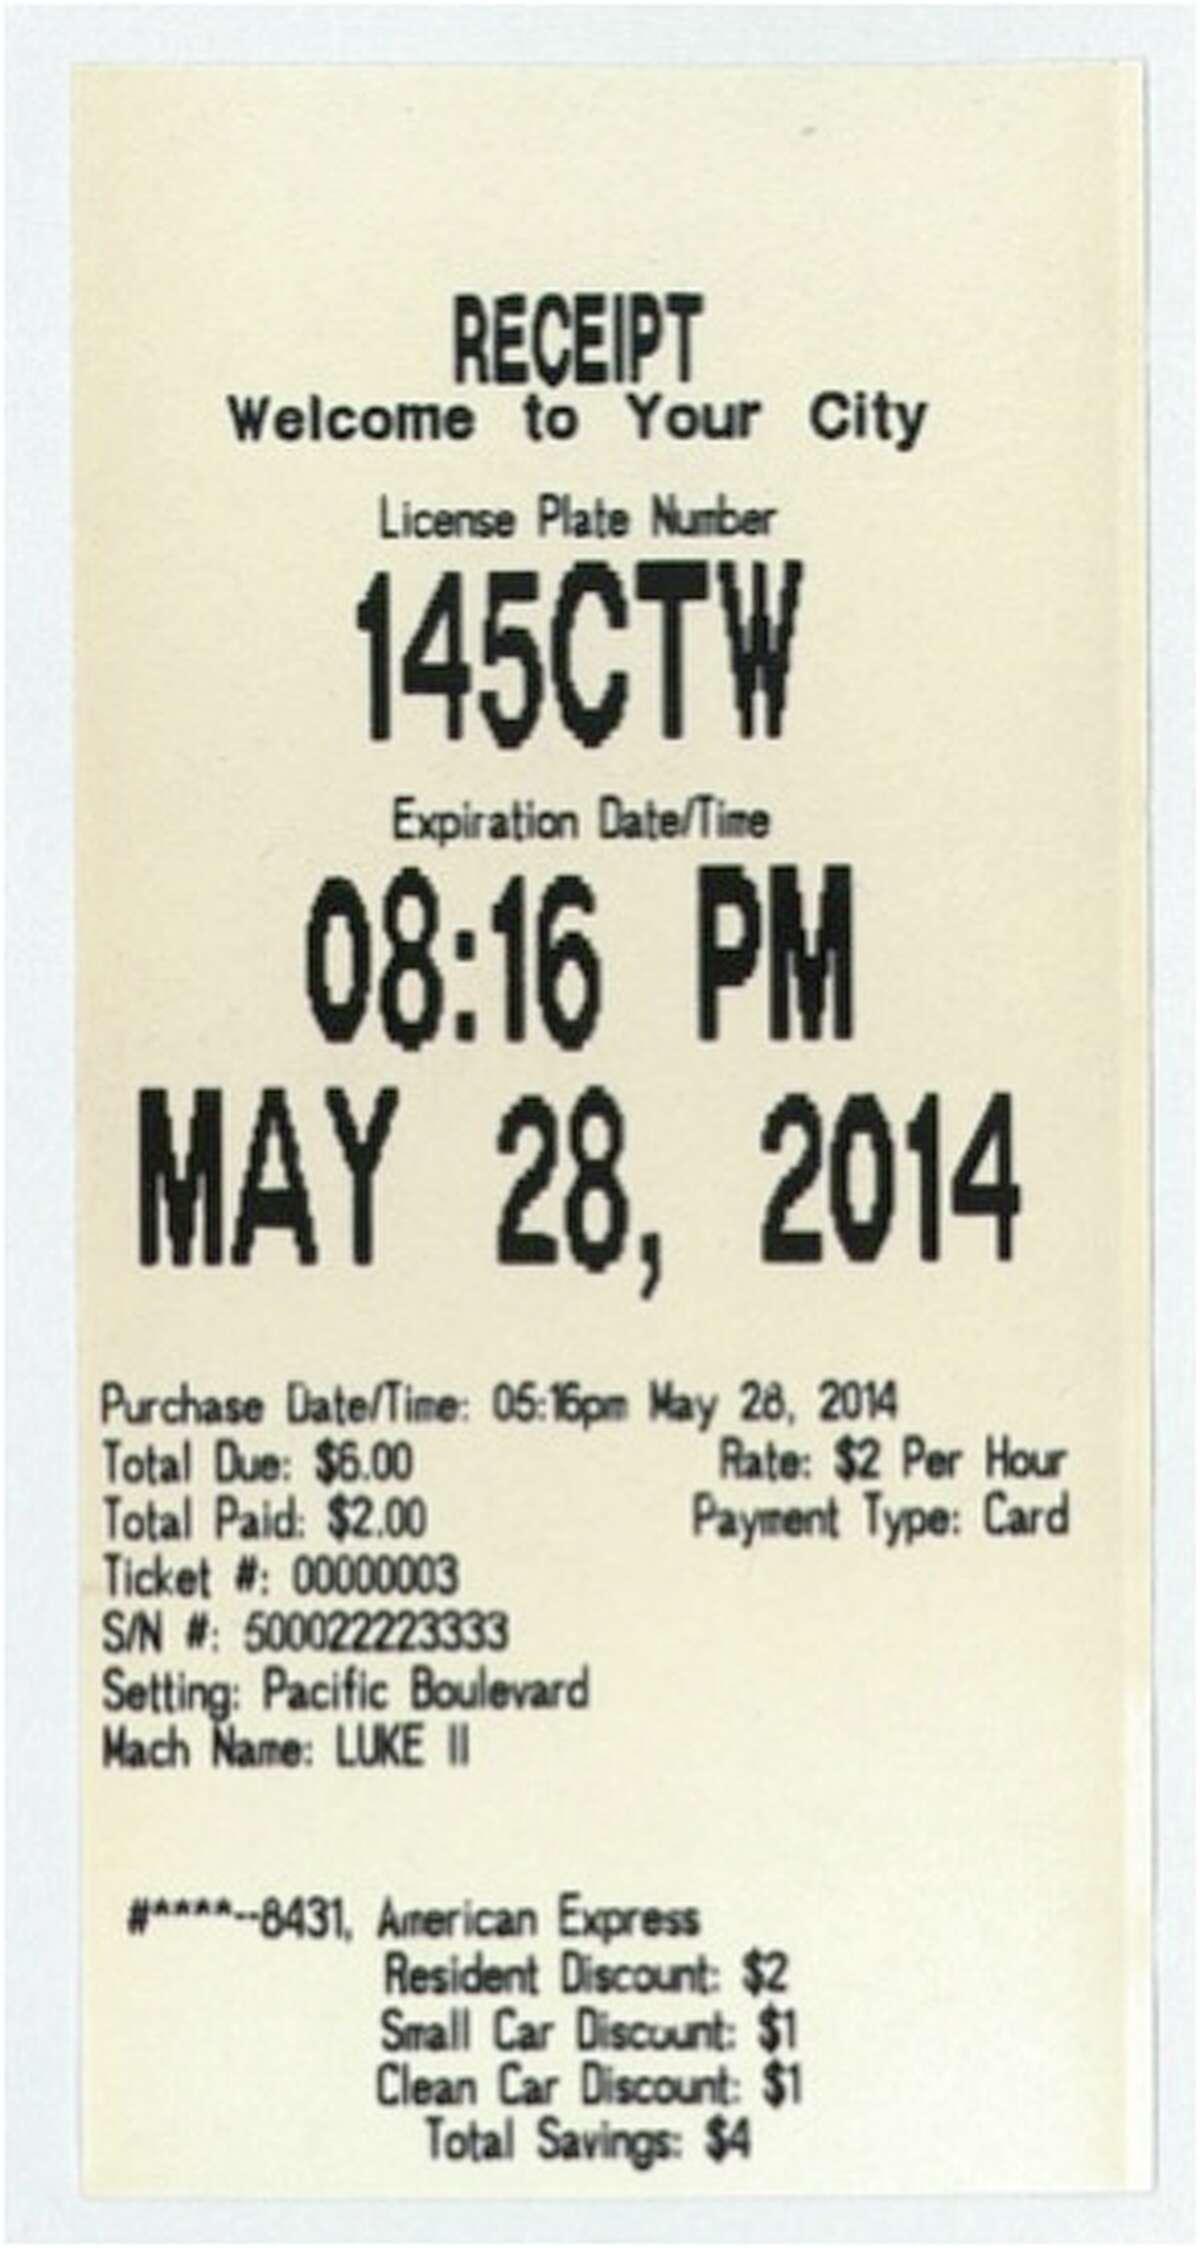 A screenshot of a discount parking receipt.